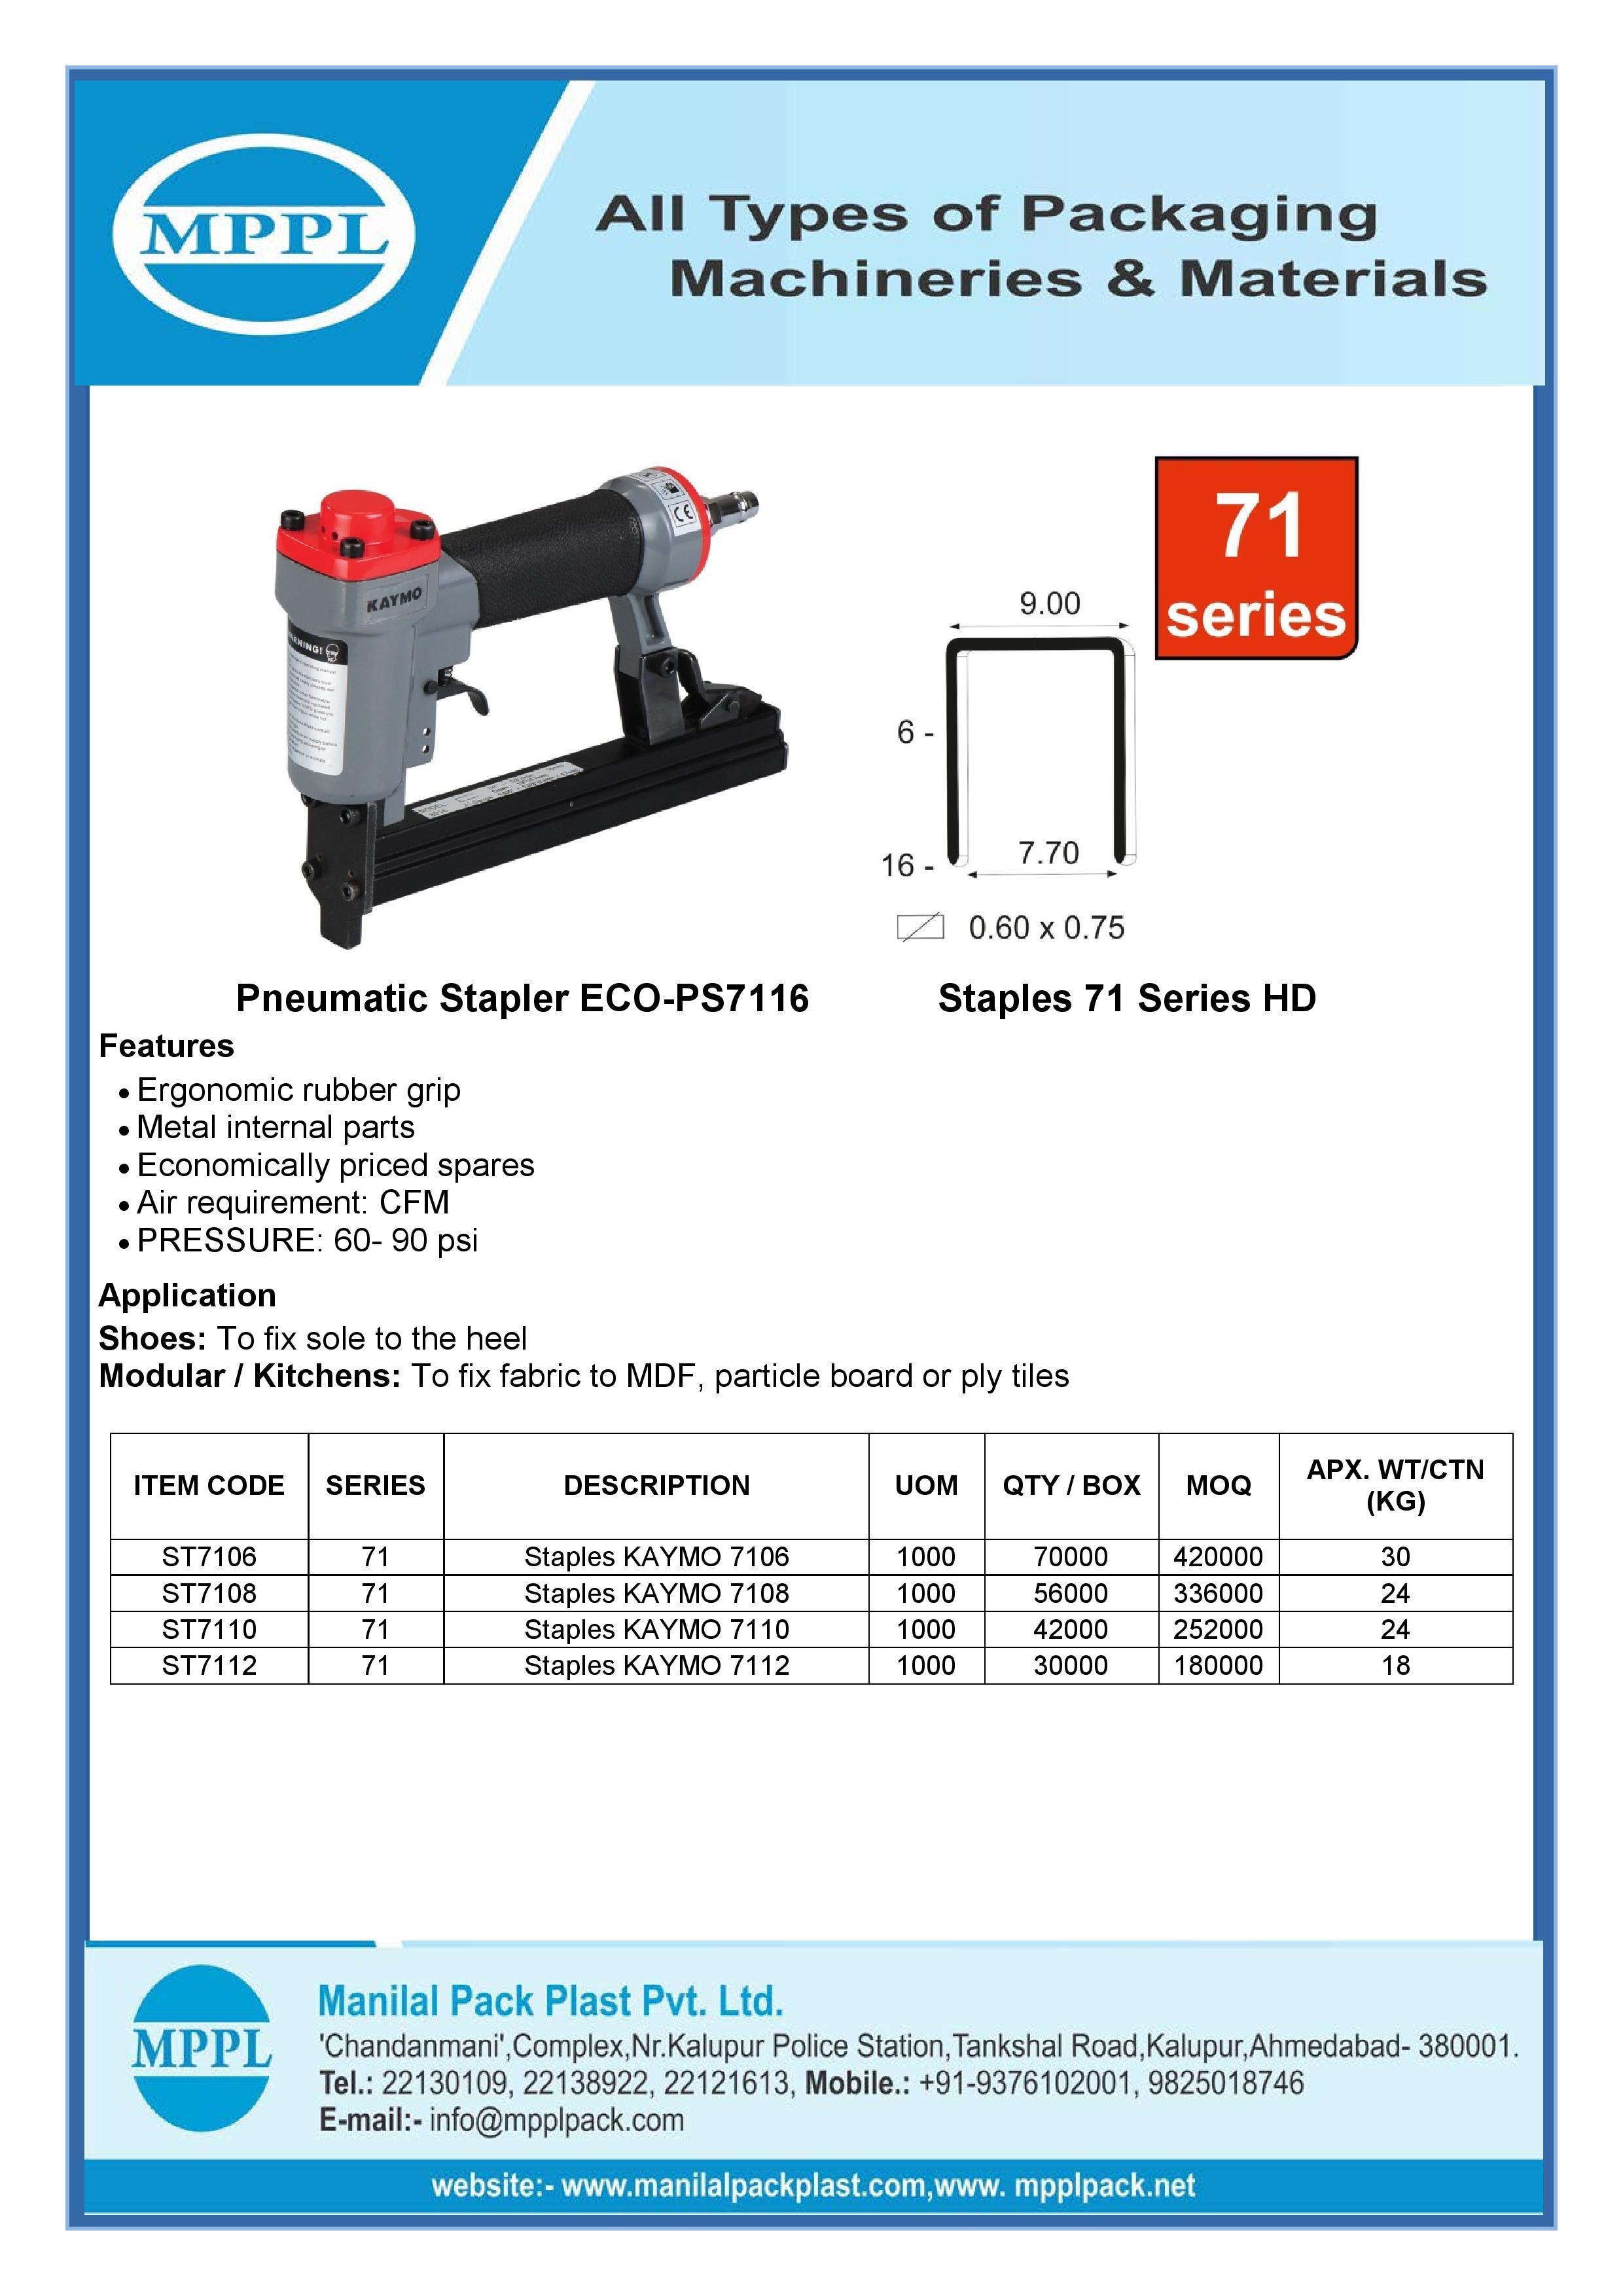 Pneumatic Stapler ECO-PS7116